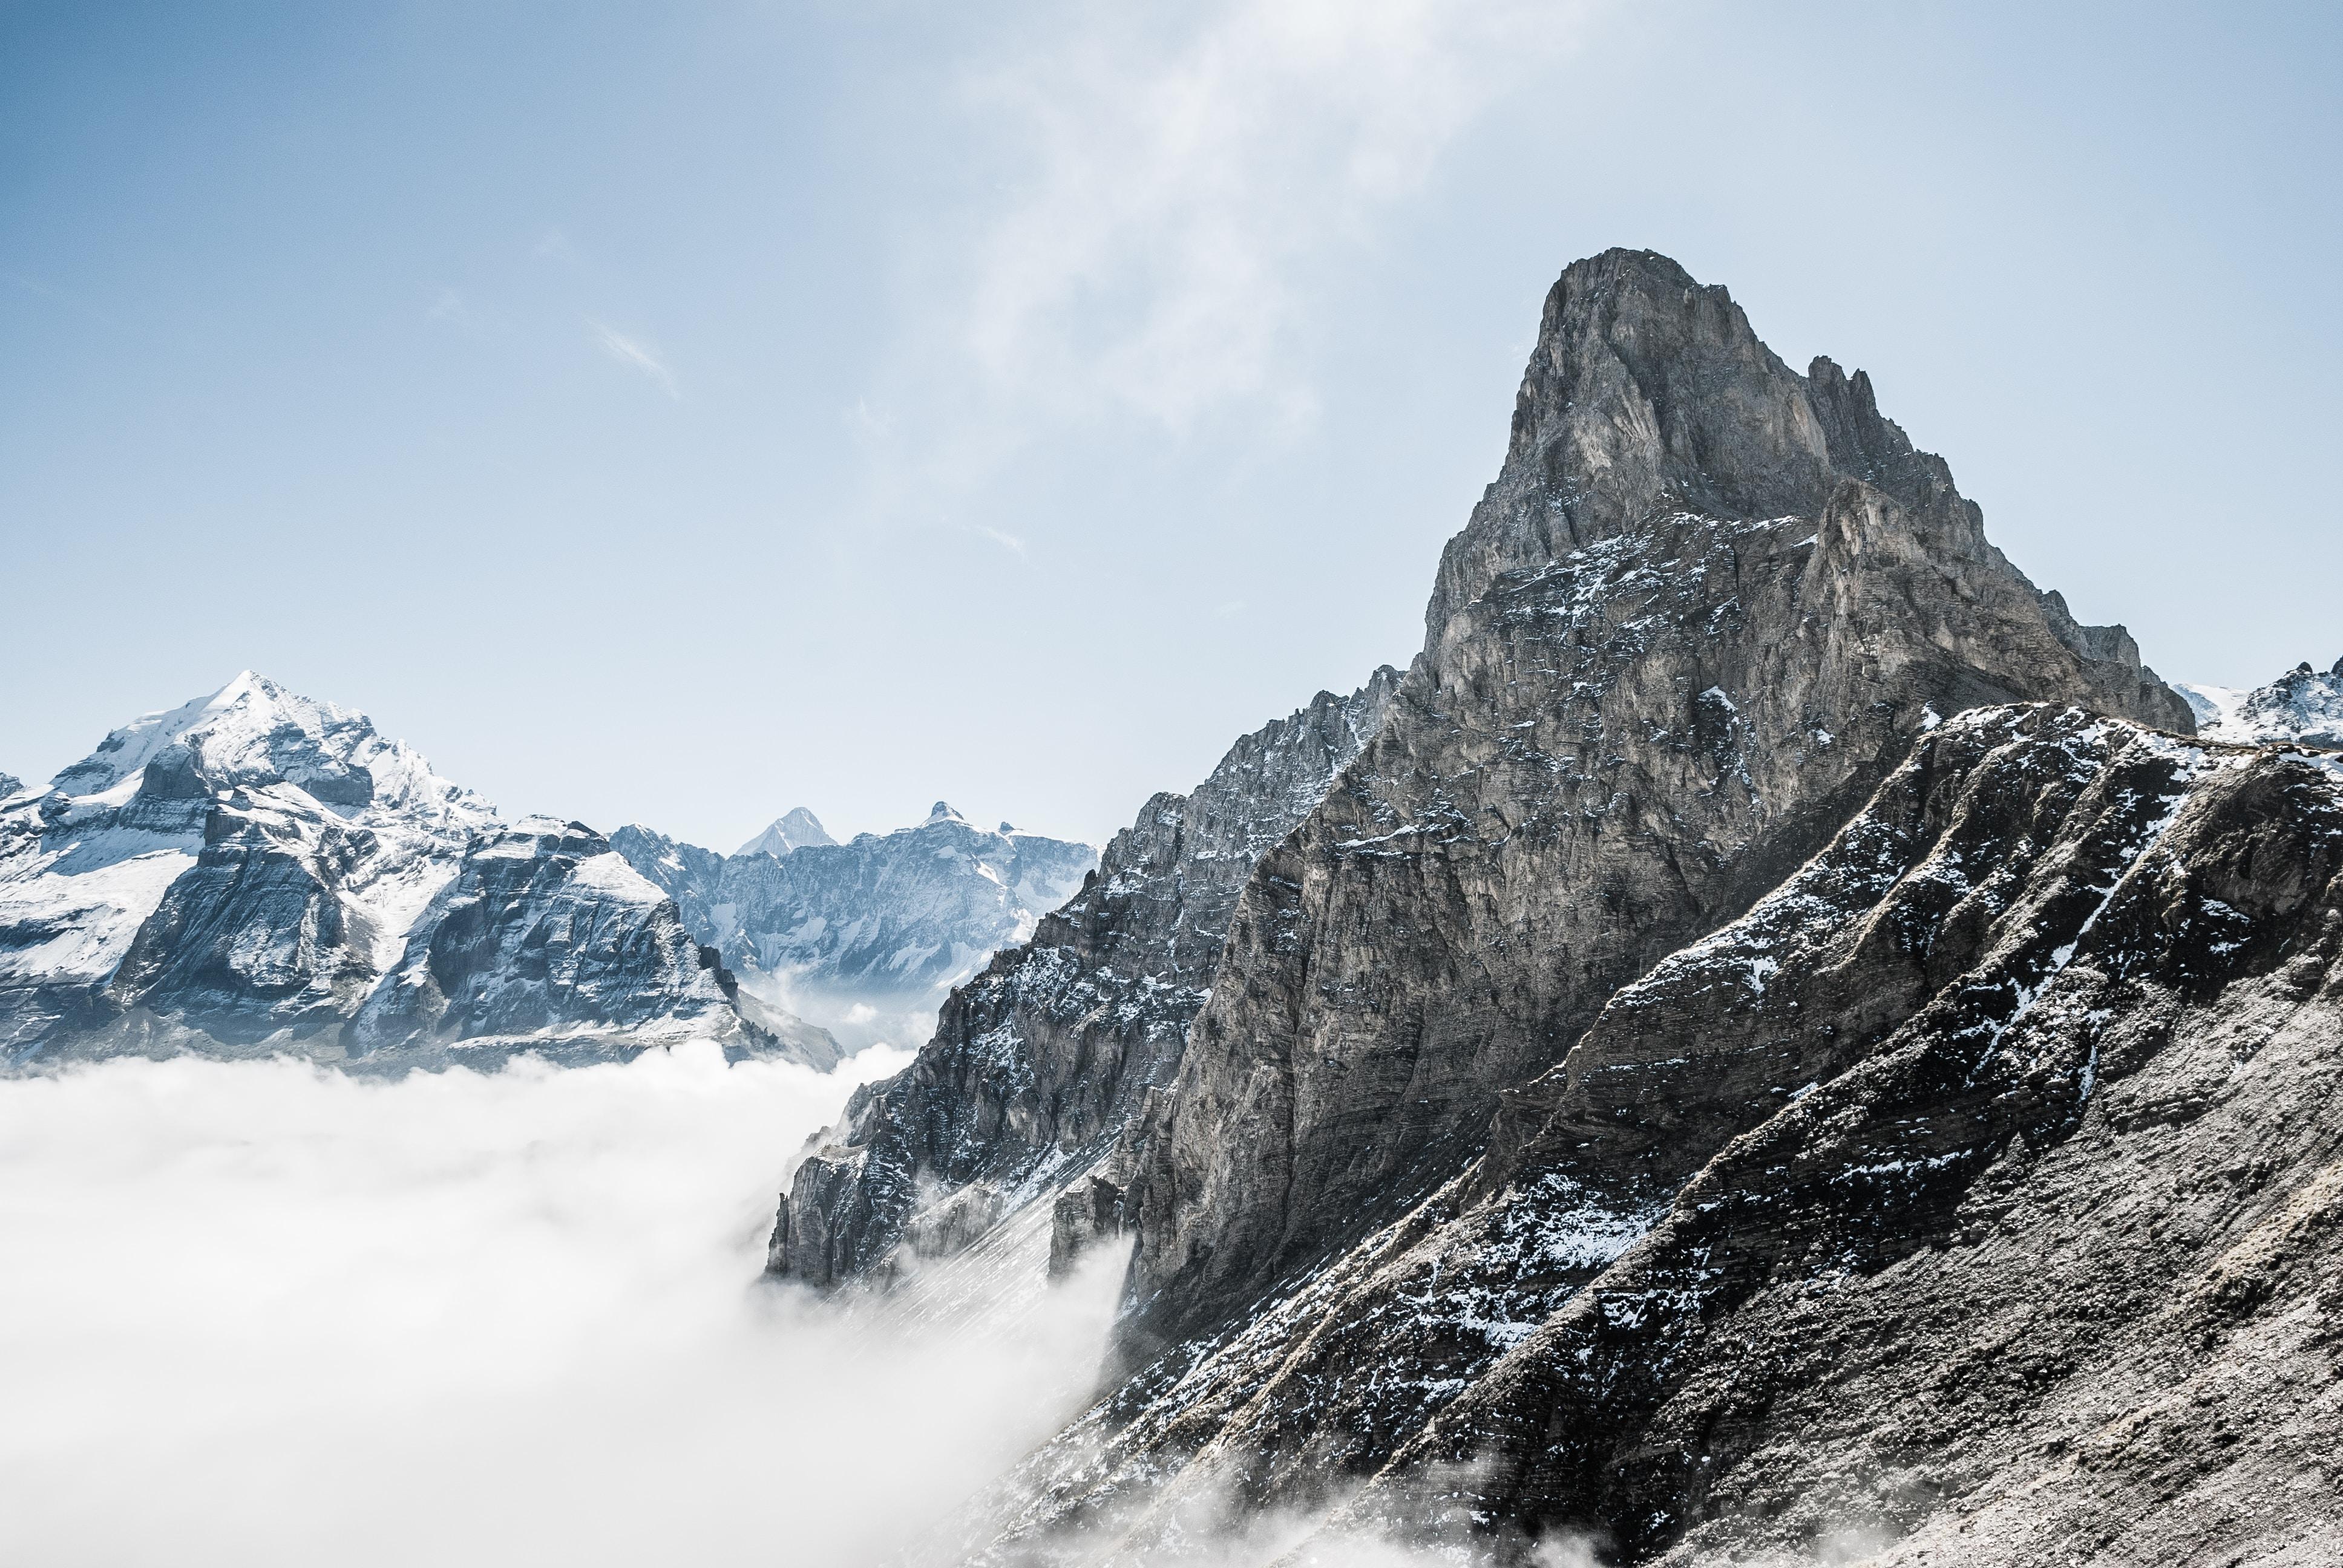 gray rock mountains at daytime